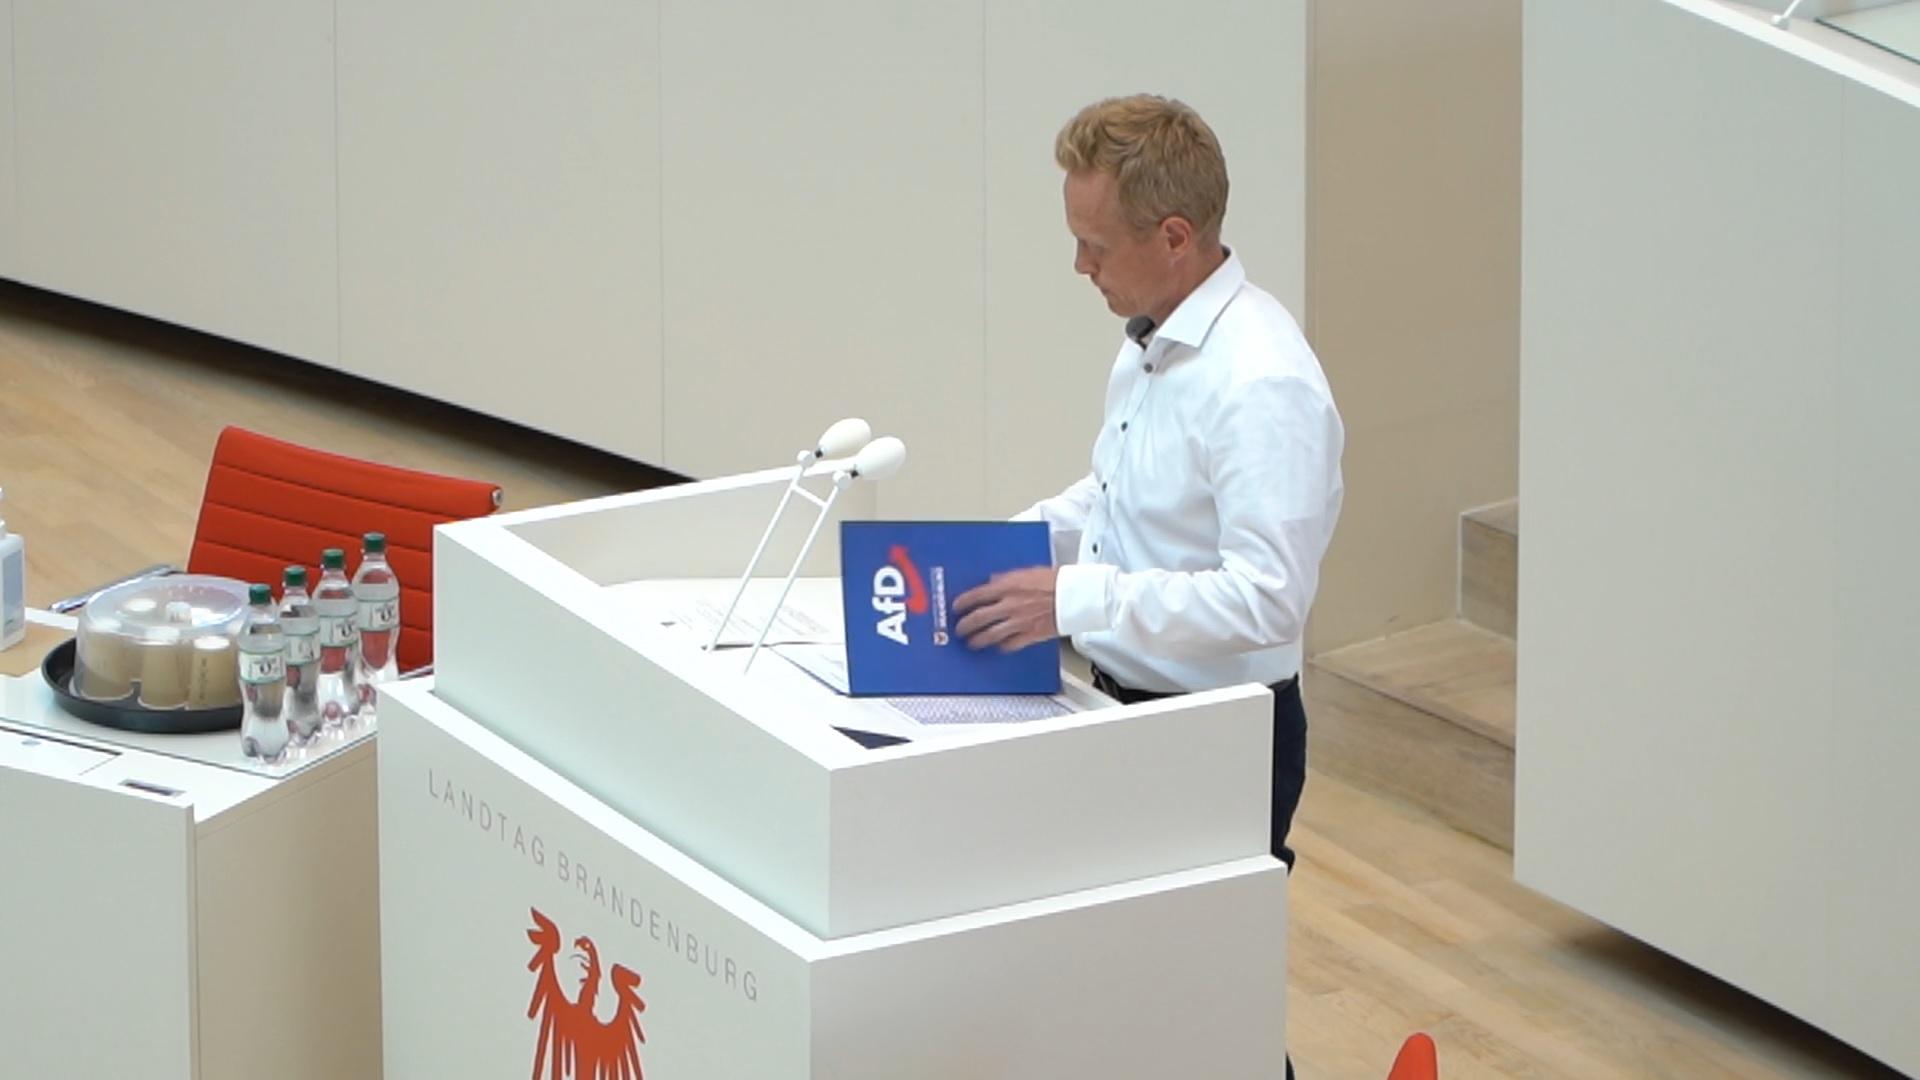 Landtag_Innenminister stellt falsche Behauptungen gegen Demo in Cottbus auf